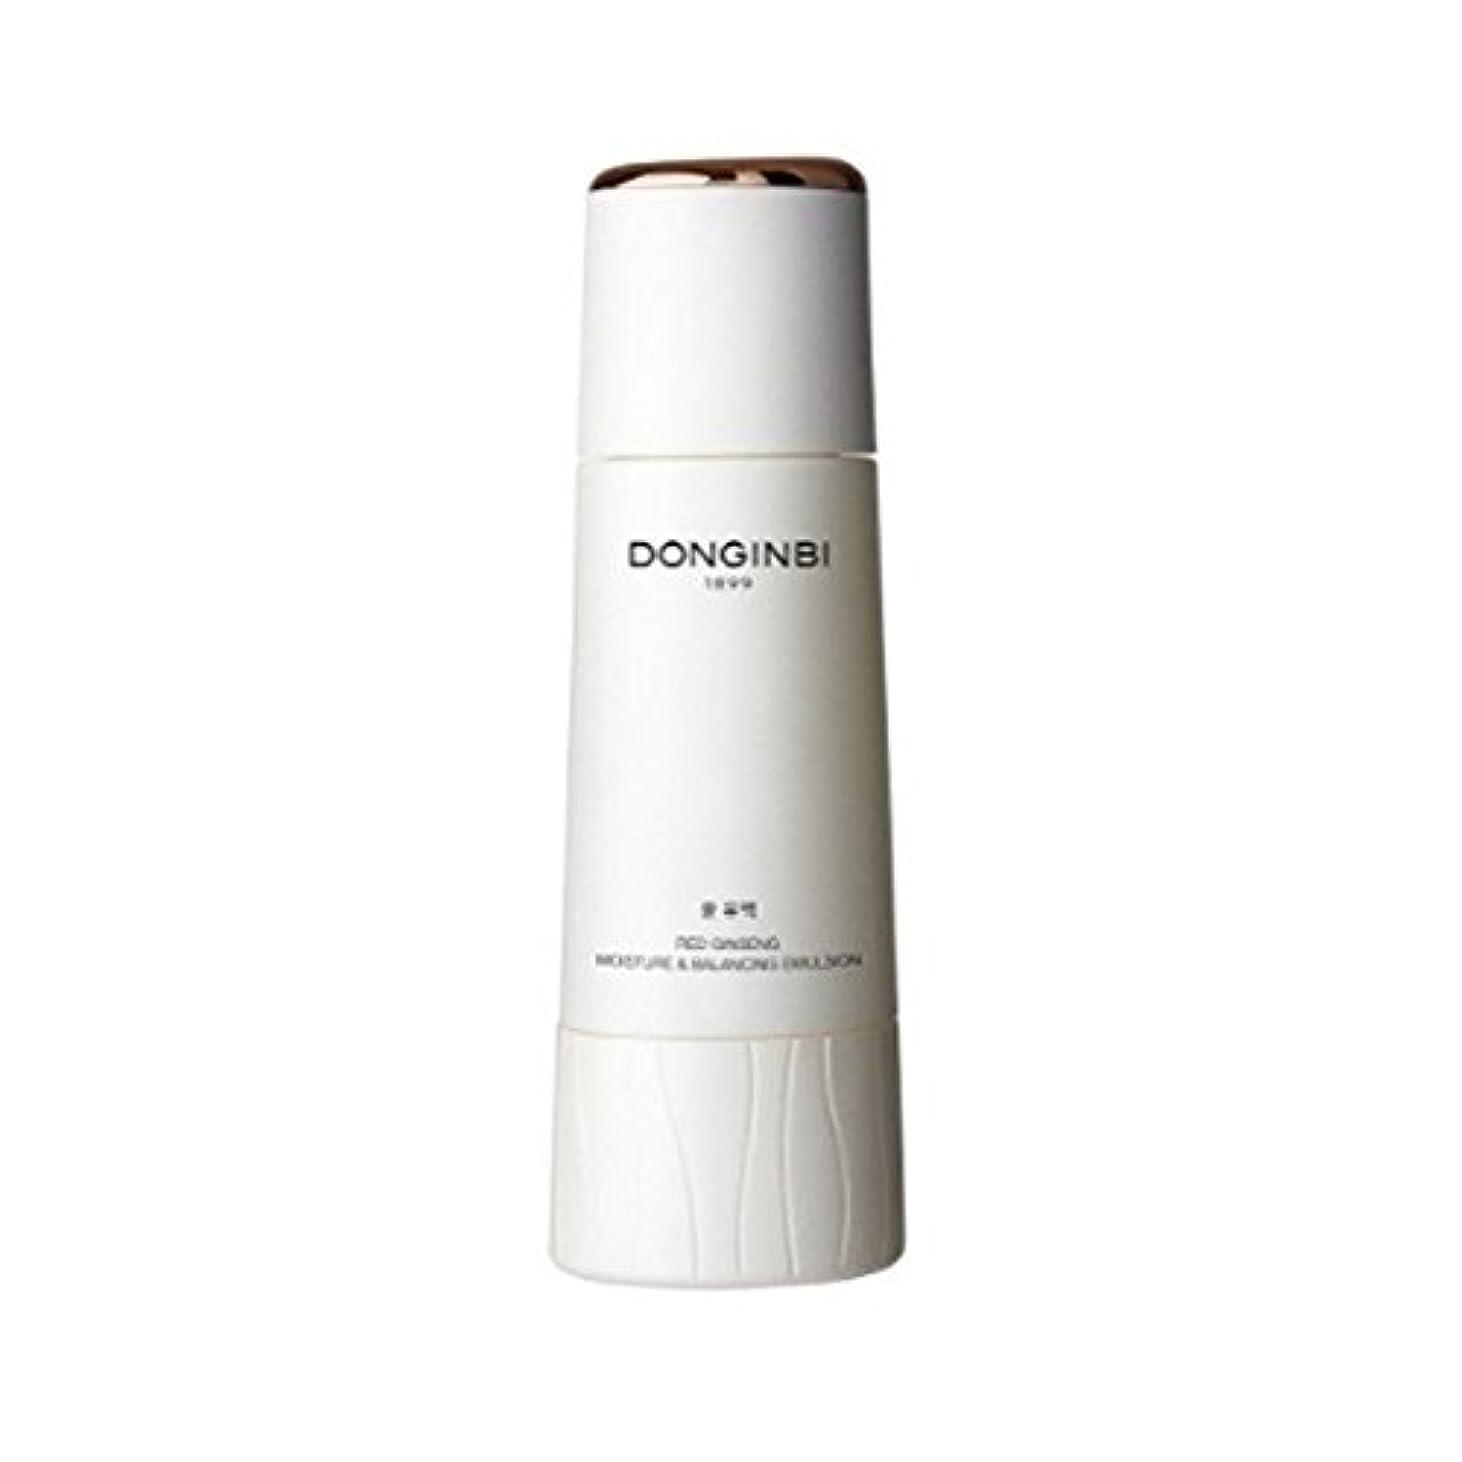 操作作曲する些細[ドンインビ]DONGINBI ドンインビユン 乳液 130ml 海外直送品 Emulsion130ml [並行輸入品]